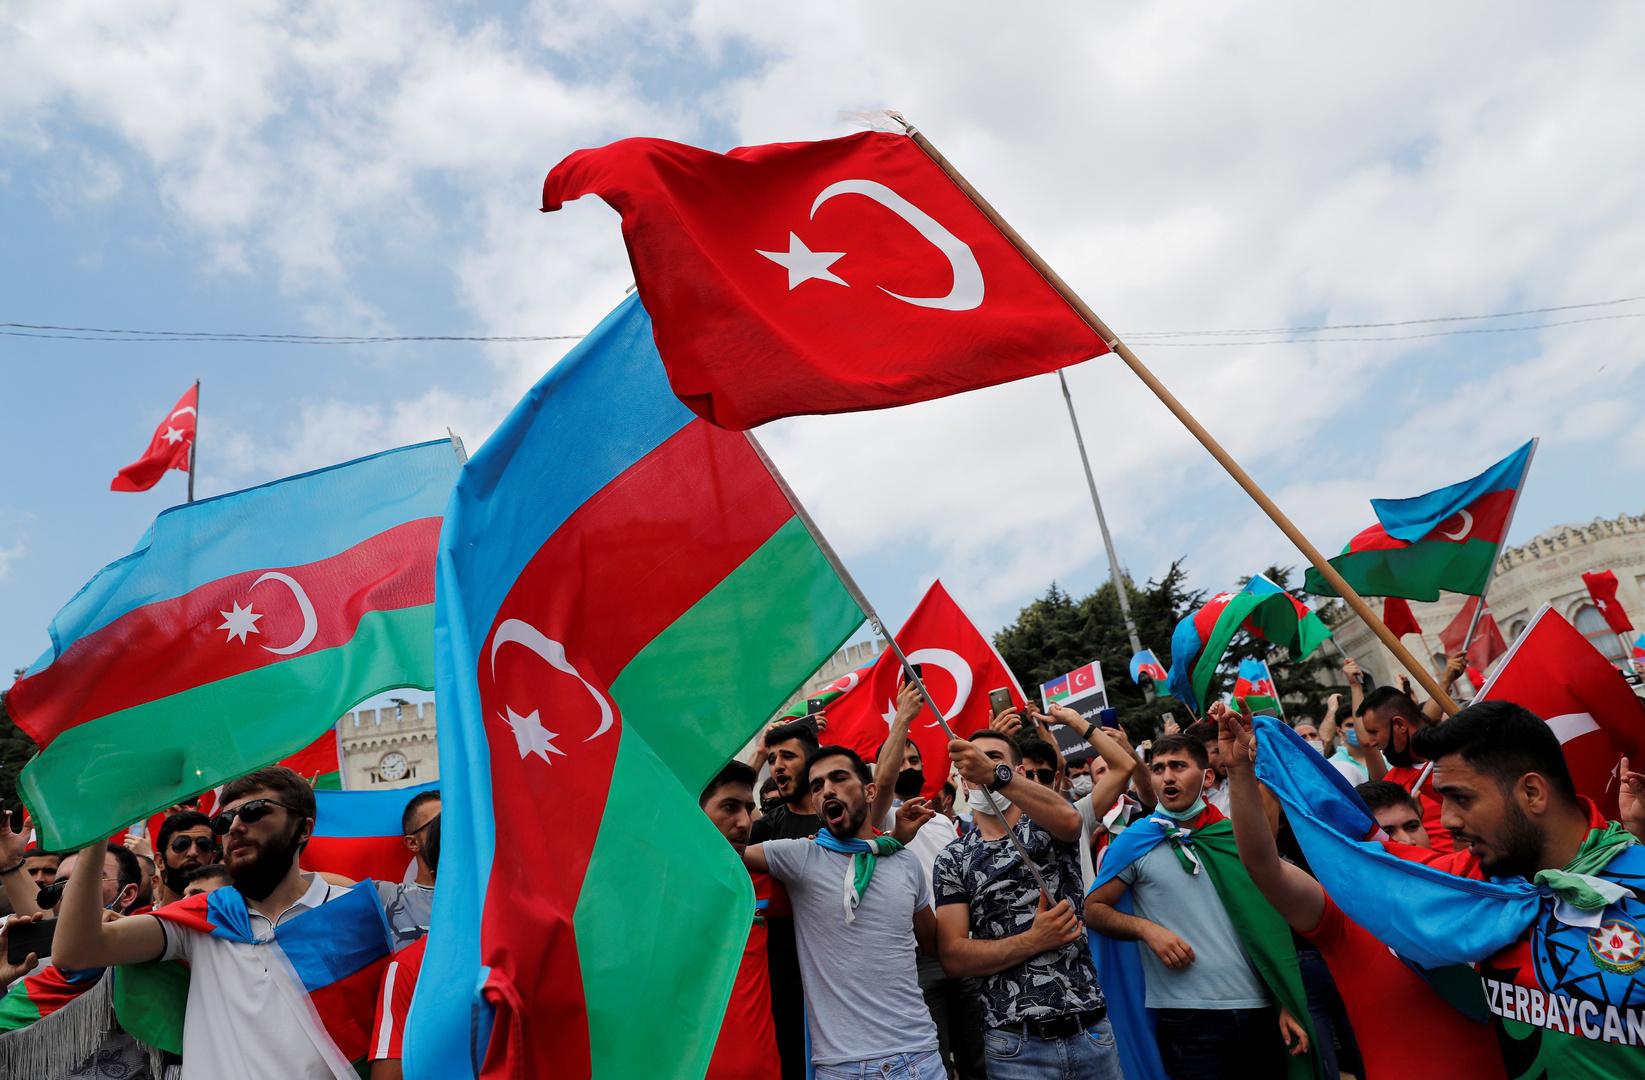 على لسان اثنين من المقاتلين: أنقرة تدعم أذربيجان بمسلحين سوريين موالين لها